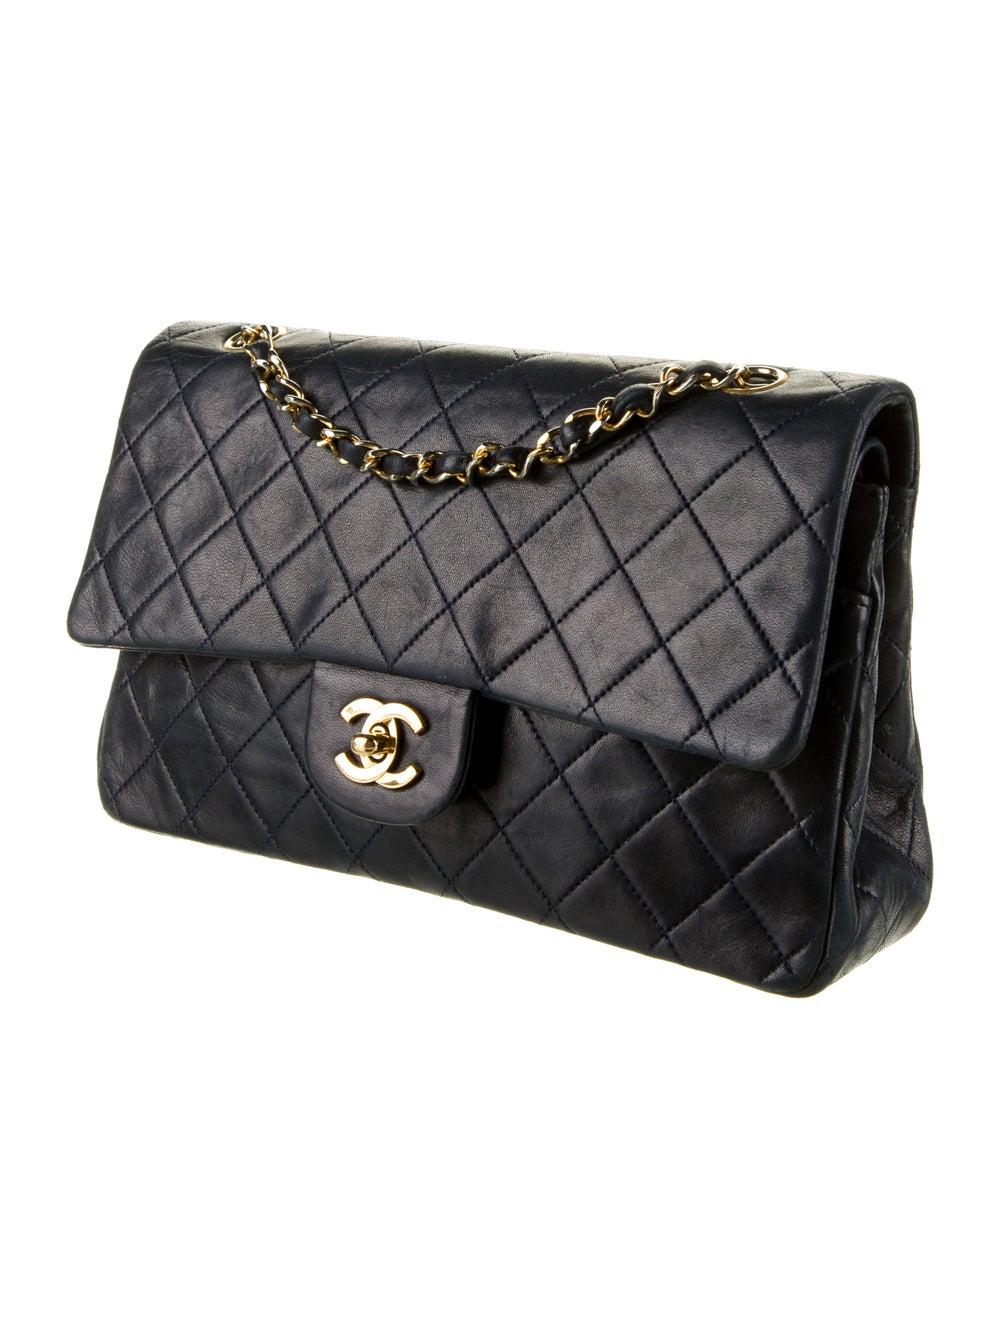 Chanel Vintage Classic Medium Double Flap Bag Blue - image 3